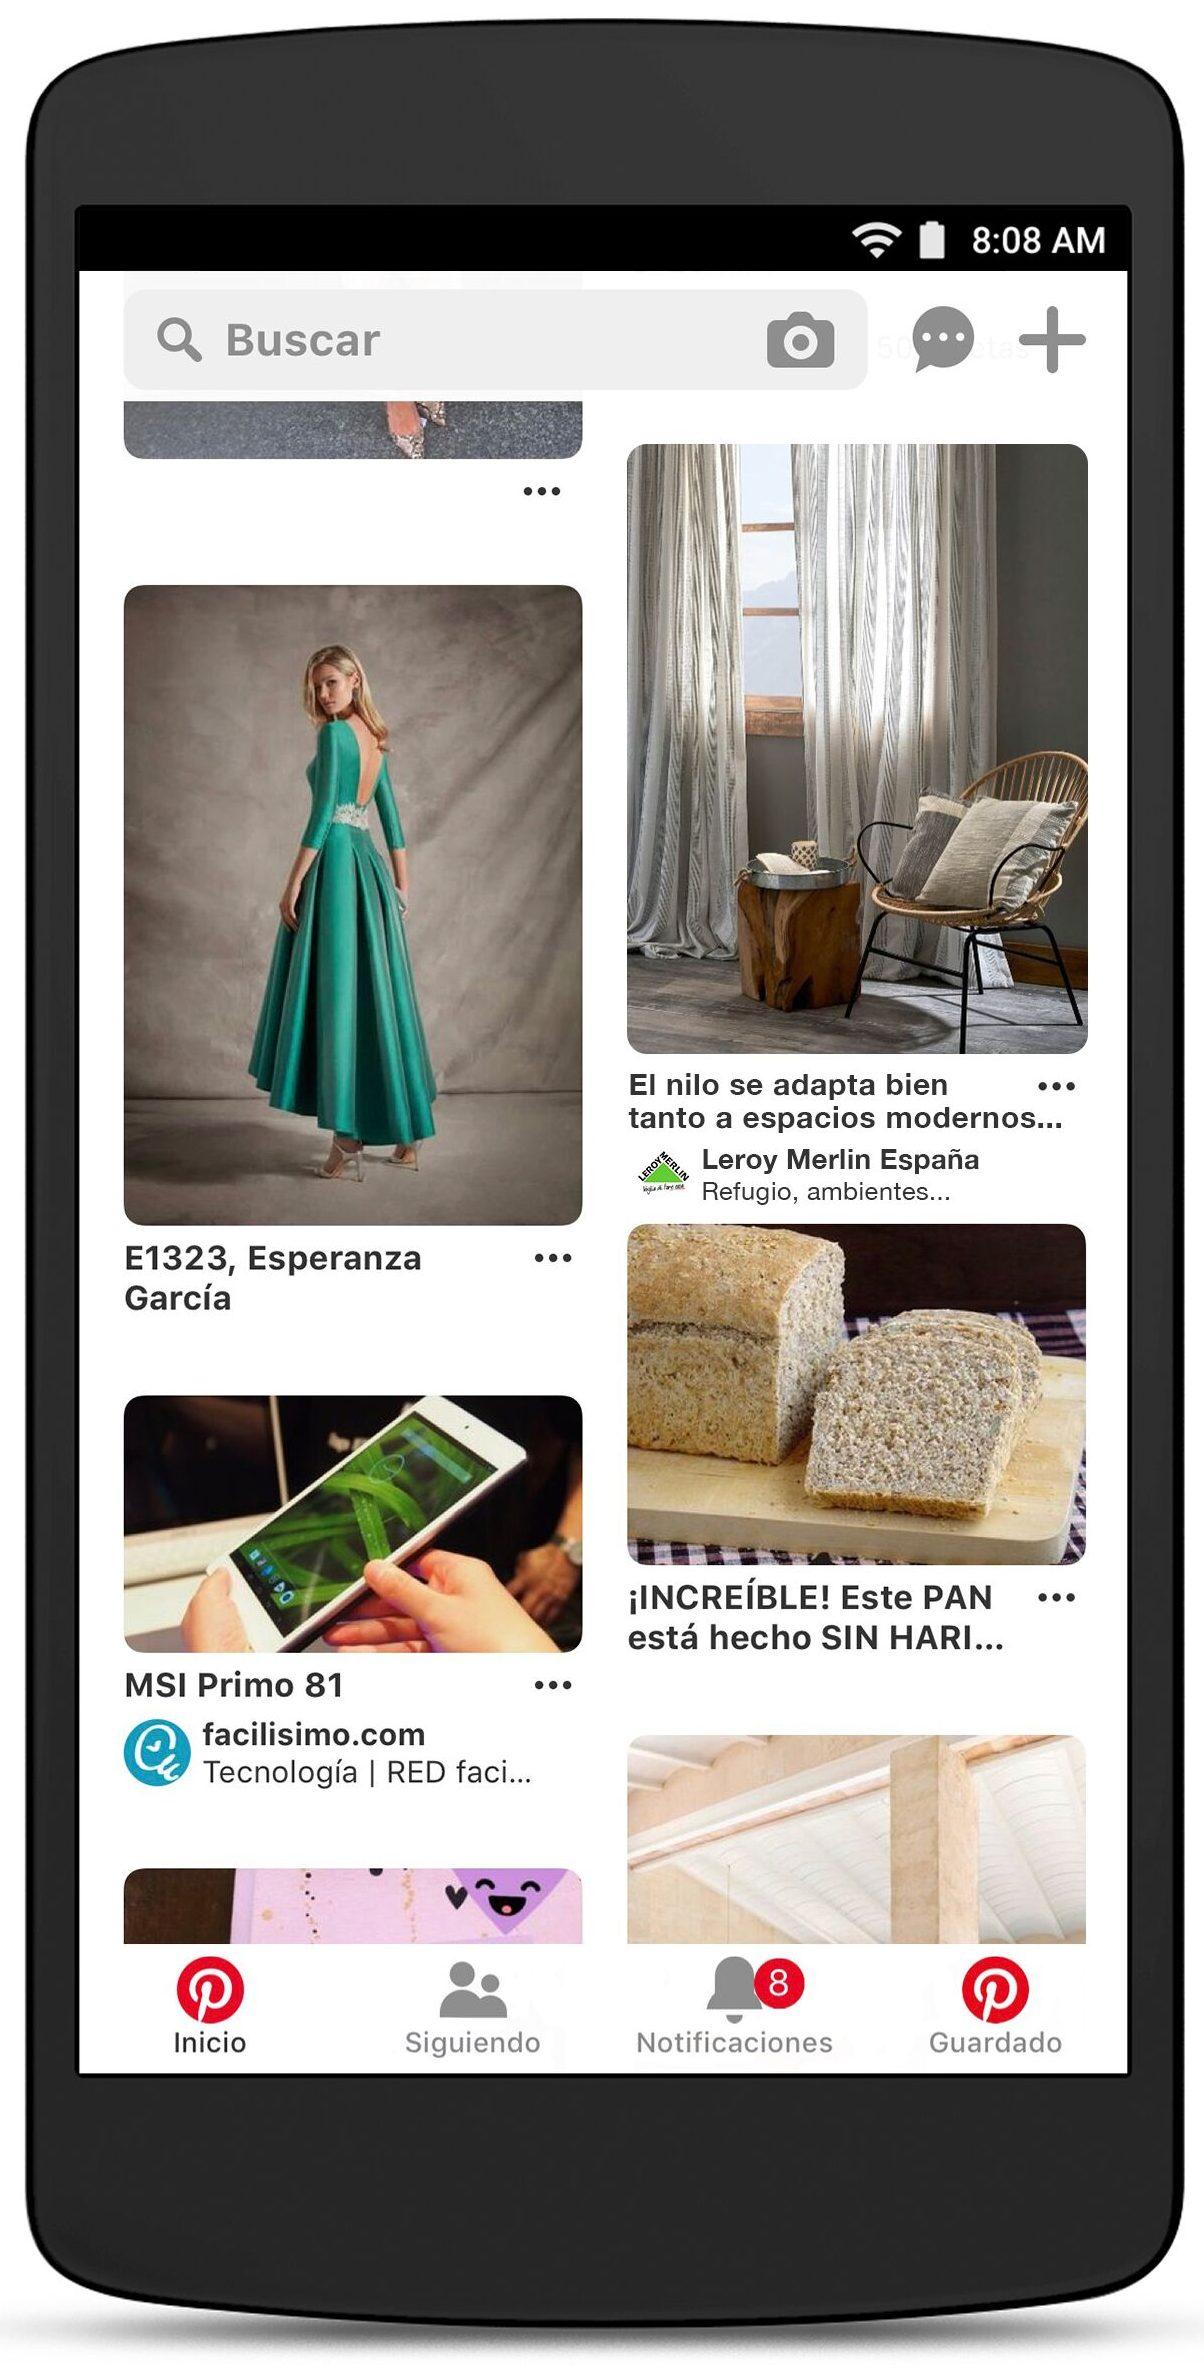 32f217d2d En los últimos meses, Pinterest ofreció la posibilidad de probar los  anuncios a un reducido grupo de negocios alemanes. Entre estas marcas se  incluían REWE, ...